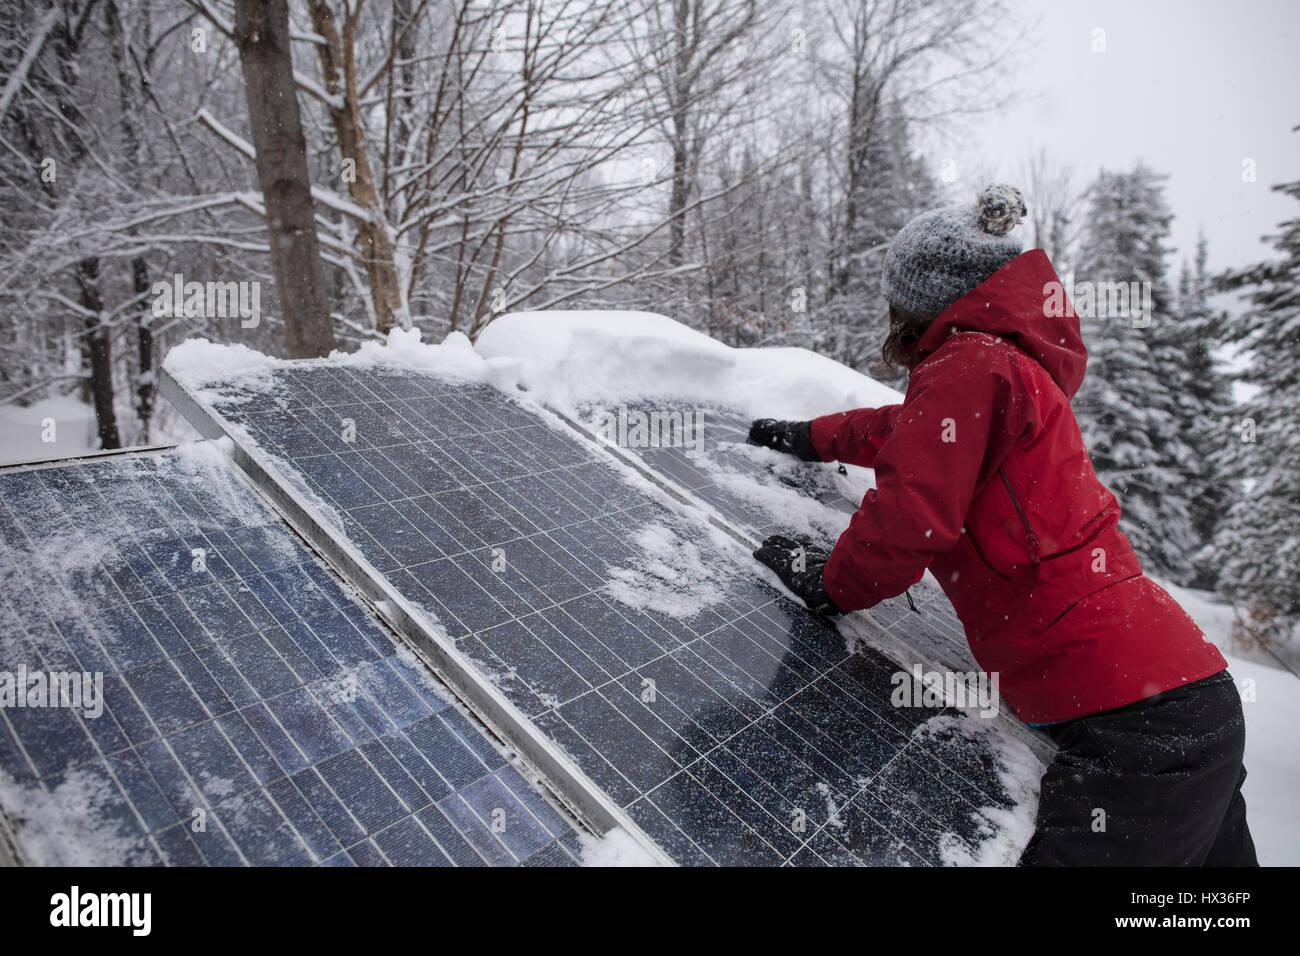 Una dama en una chaqueta roja borra la nieve de los paneles solares después de una tormenta de nieve en Hastings Imagen De Stock